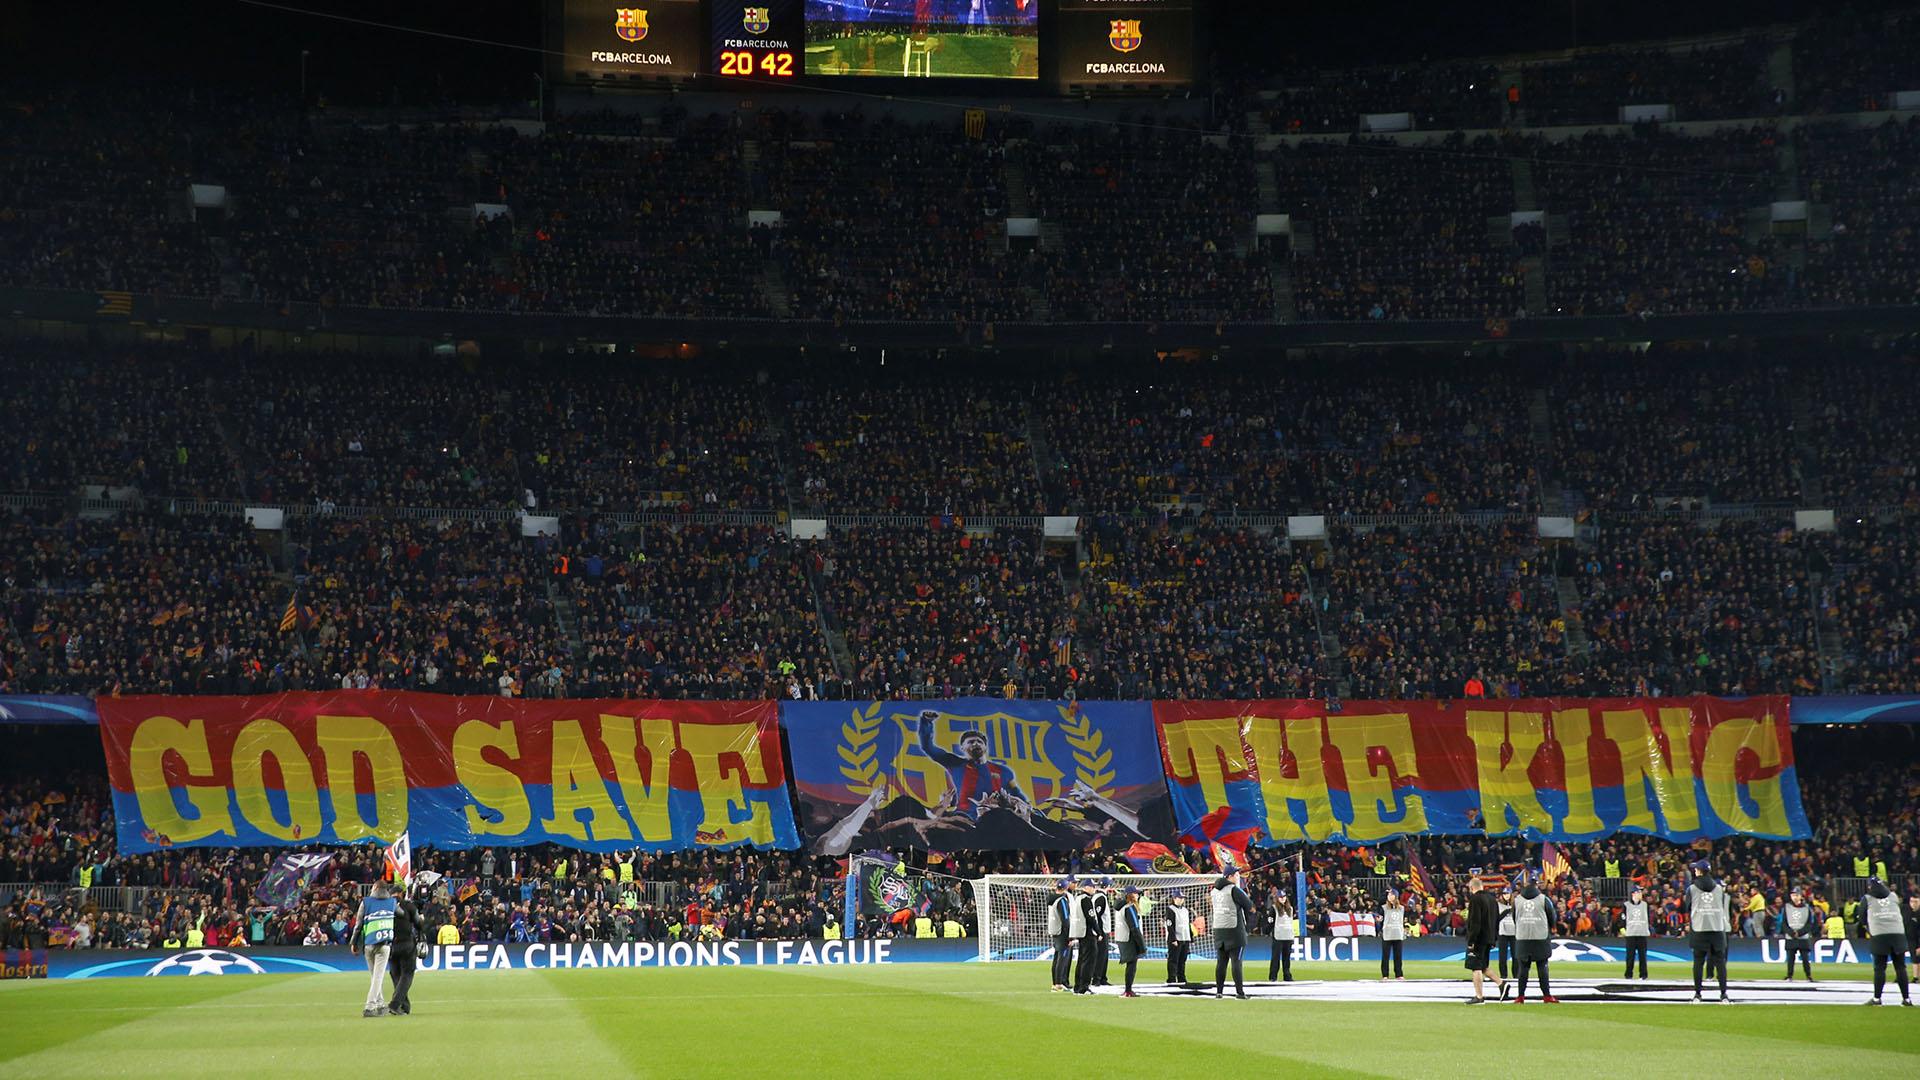 El Camp Nou será el escenario de un nuevo Clásico de España